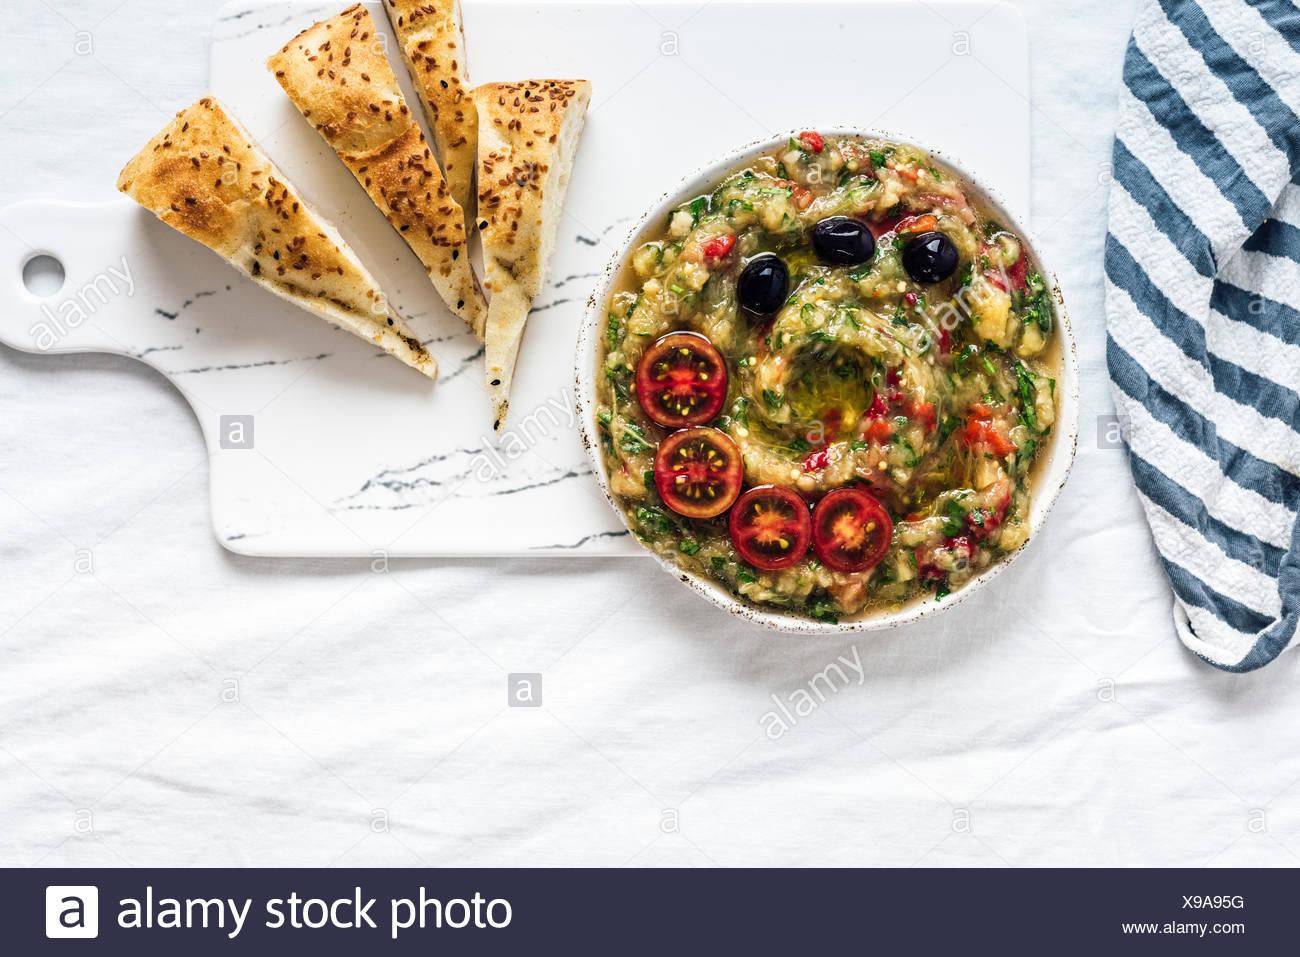 Baba Ganoush gemacht mit gebratene Auberginen, Paprika und Kräutern aber kein Tahini auf eine Tafel aus Draufsicht fotografiert. Pita-Scheiben sind auf dem s Stockbild